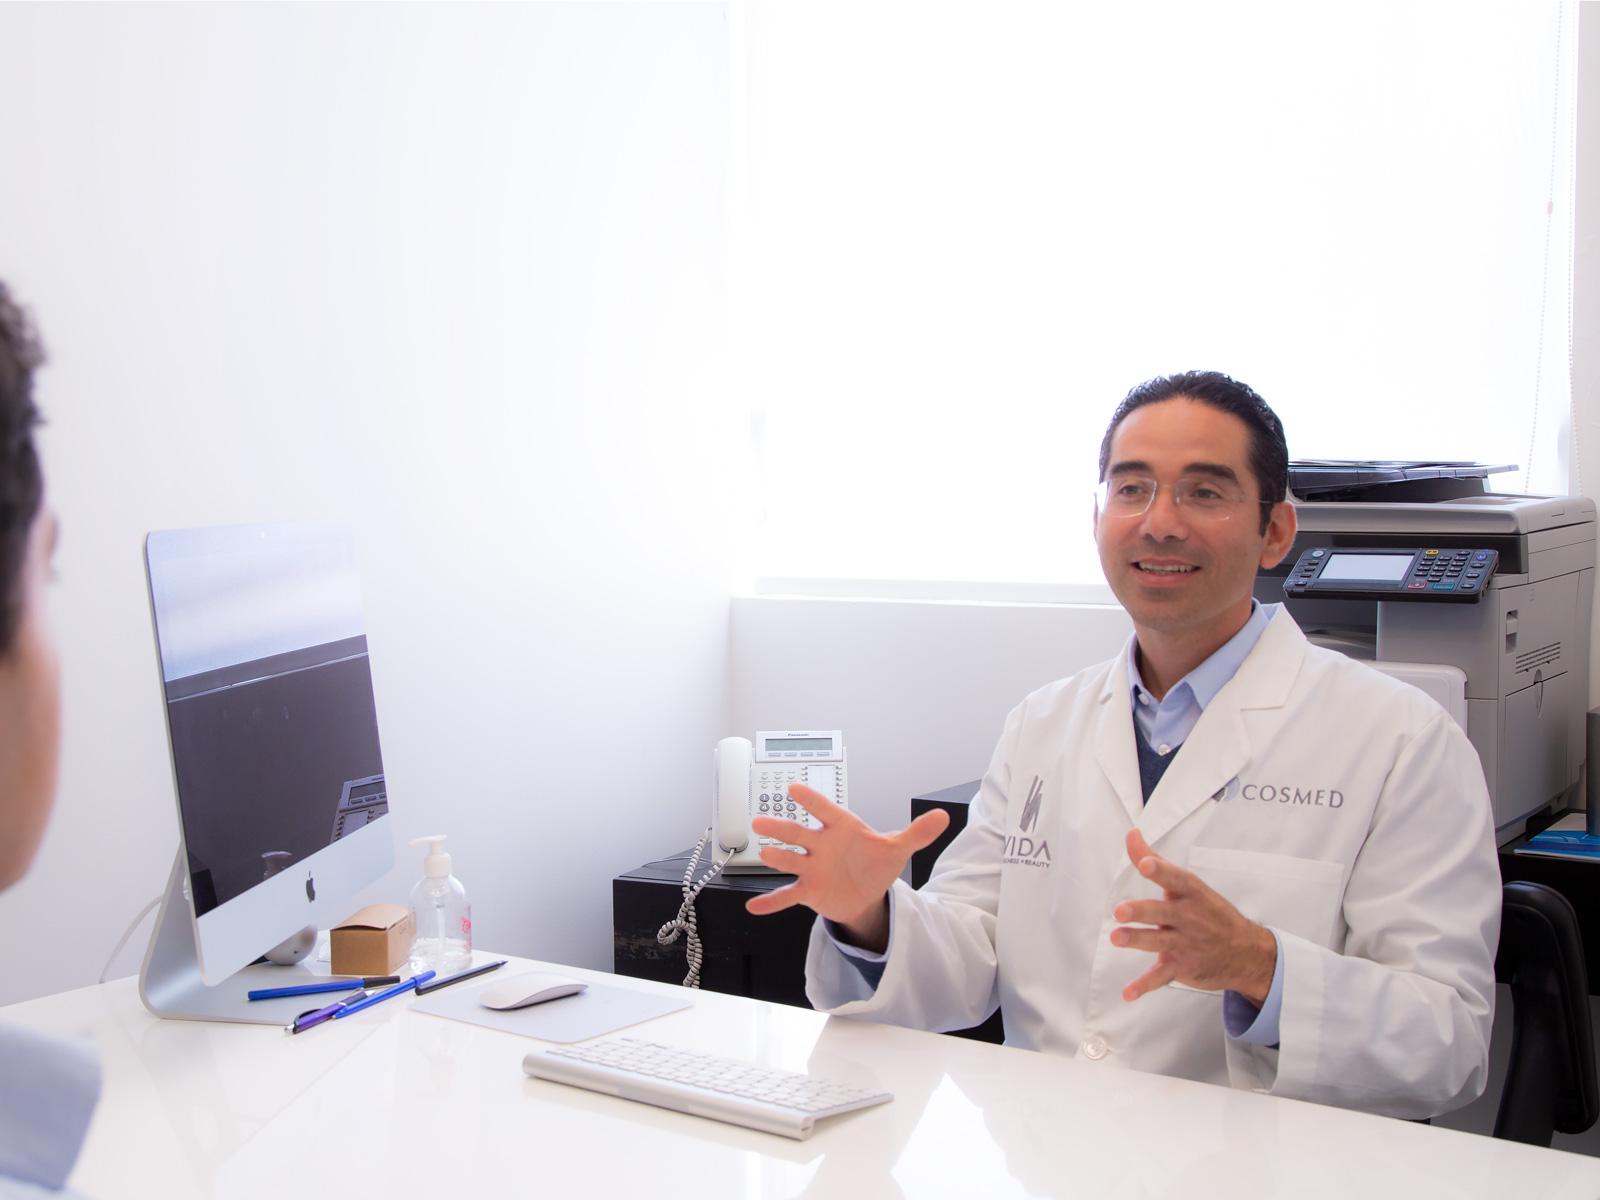 dr. alejandro lira urologo en tijuana